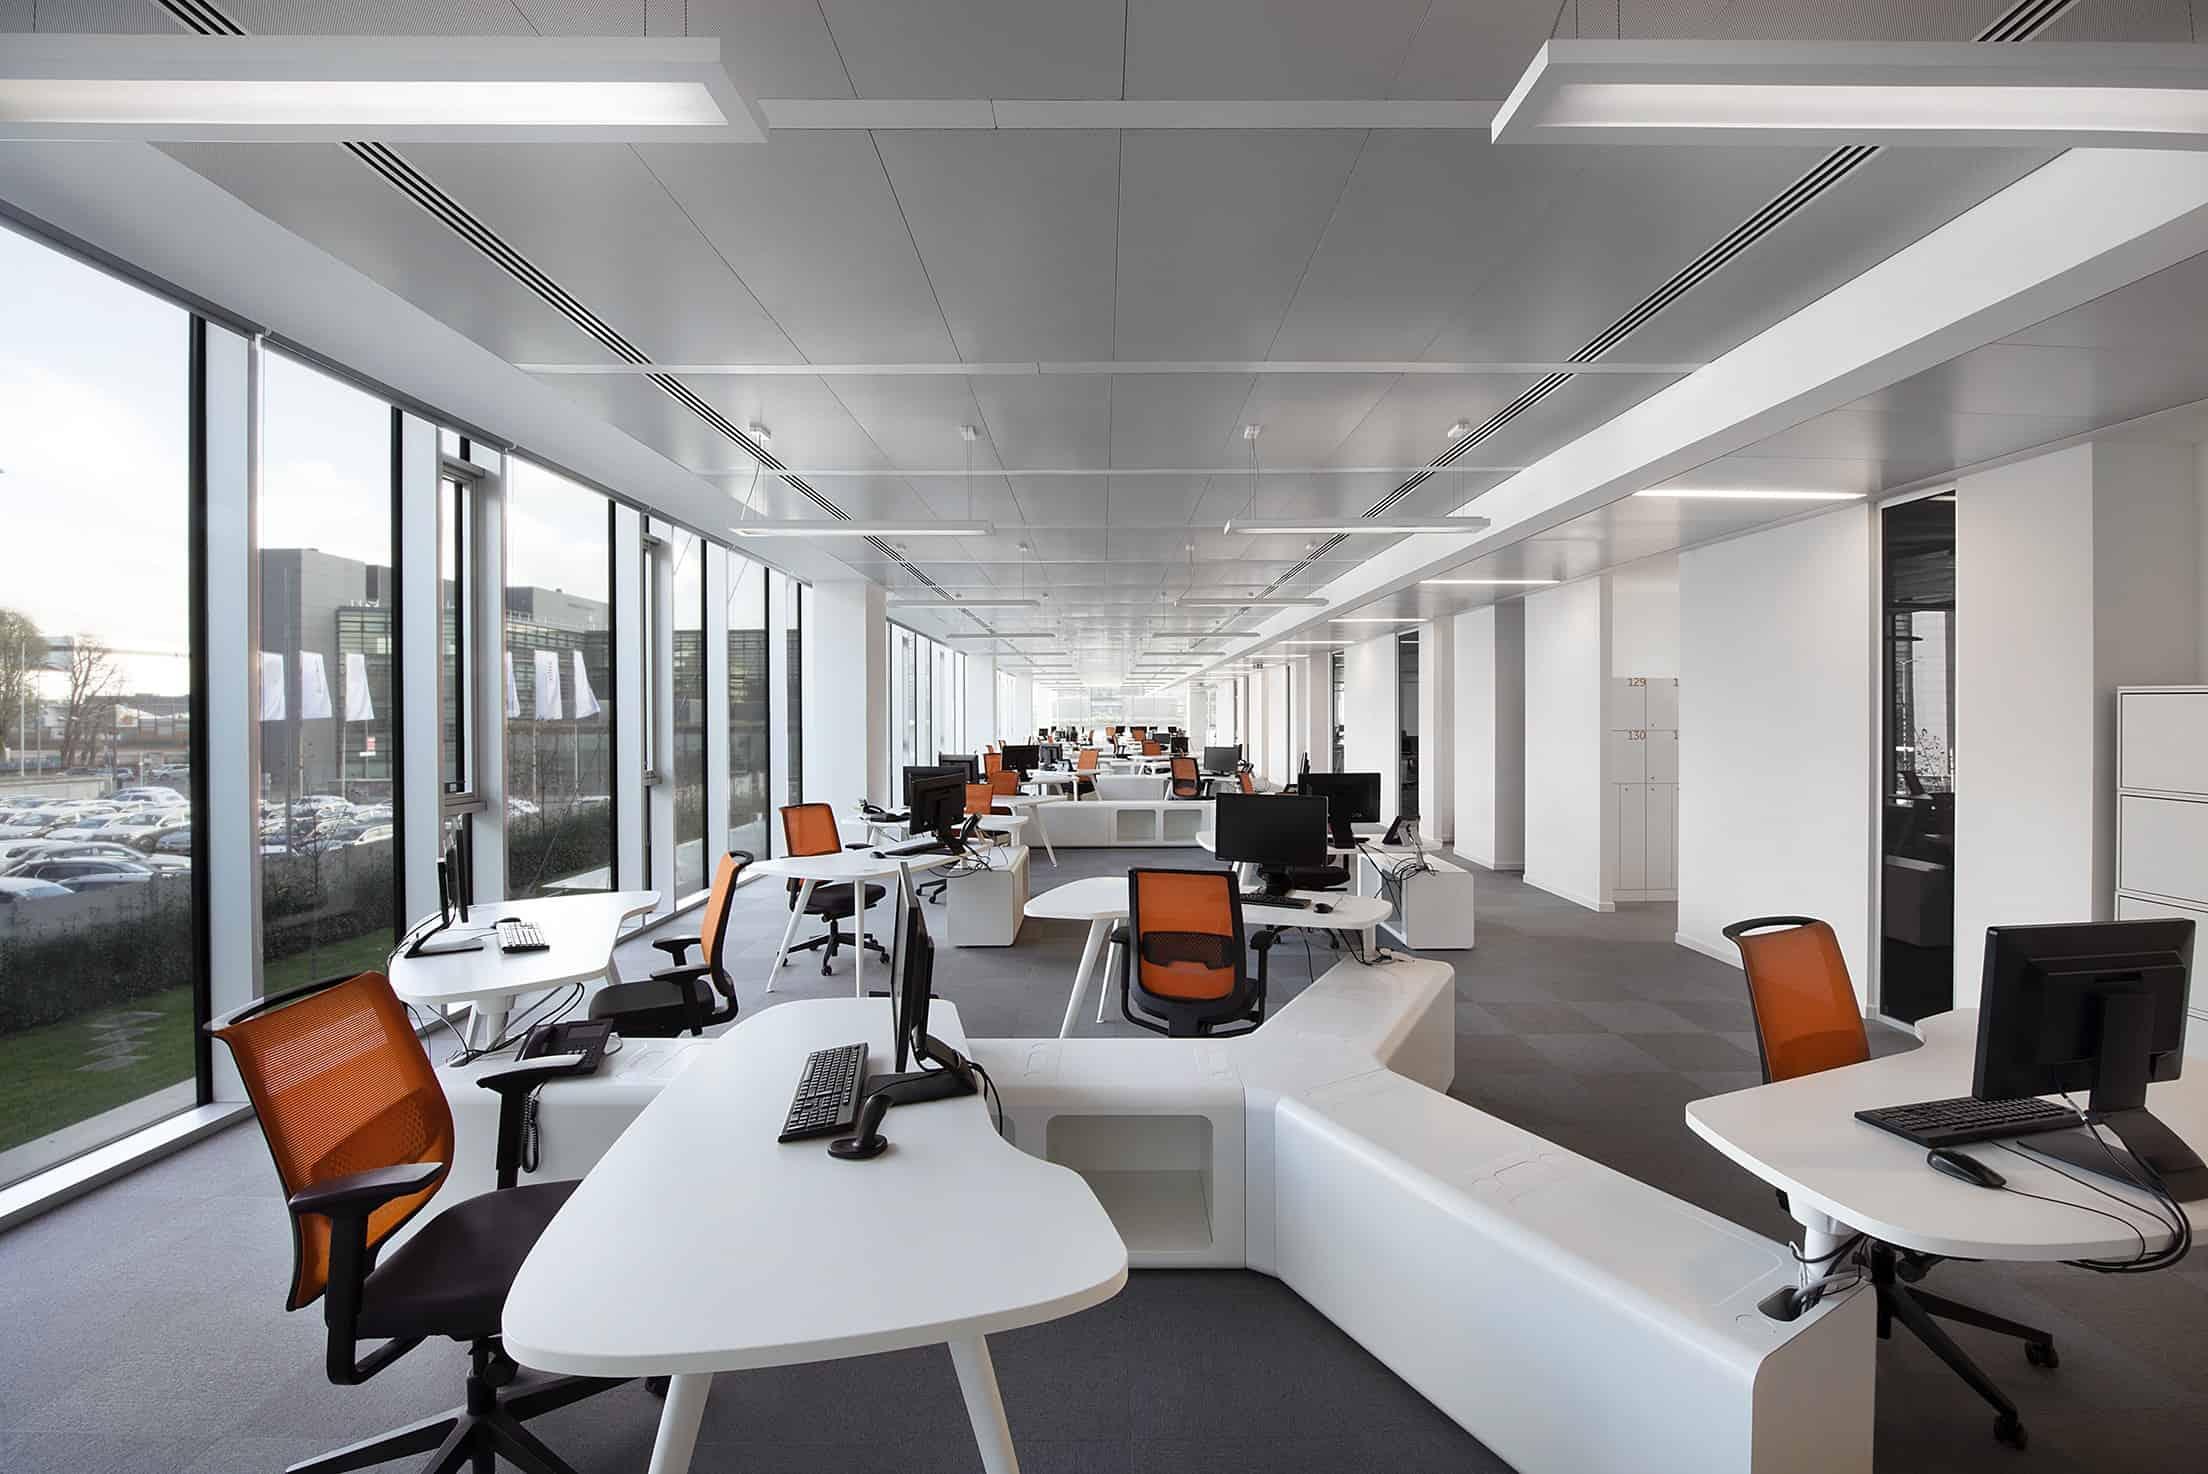 A Day In A Smart Office Progetto Cmr Massimo Roj